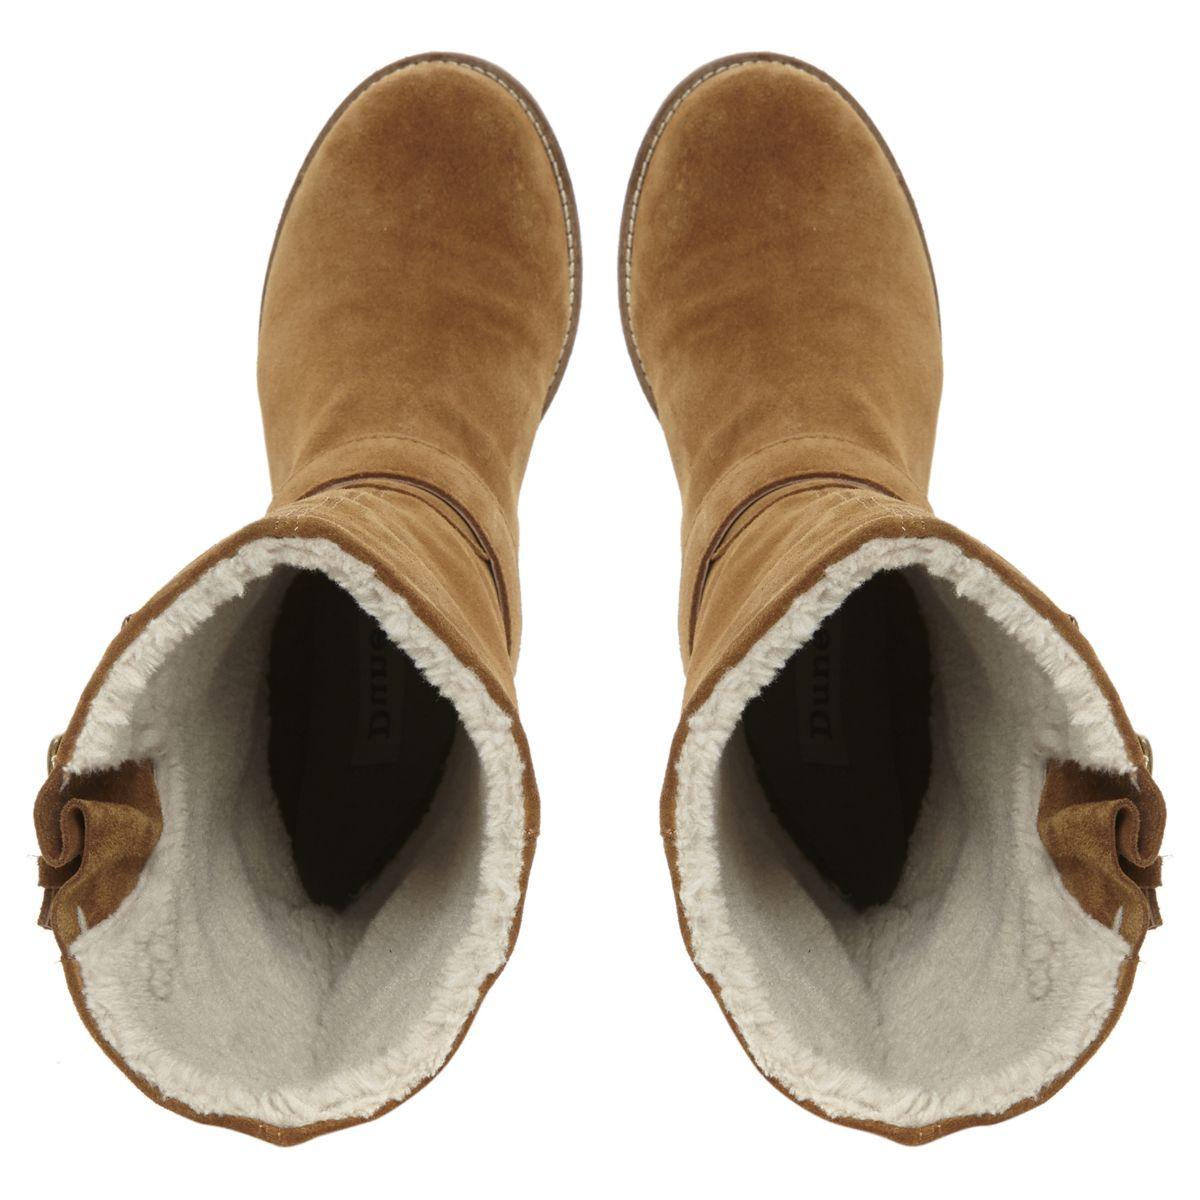 Tan Suede Ladies Shoes